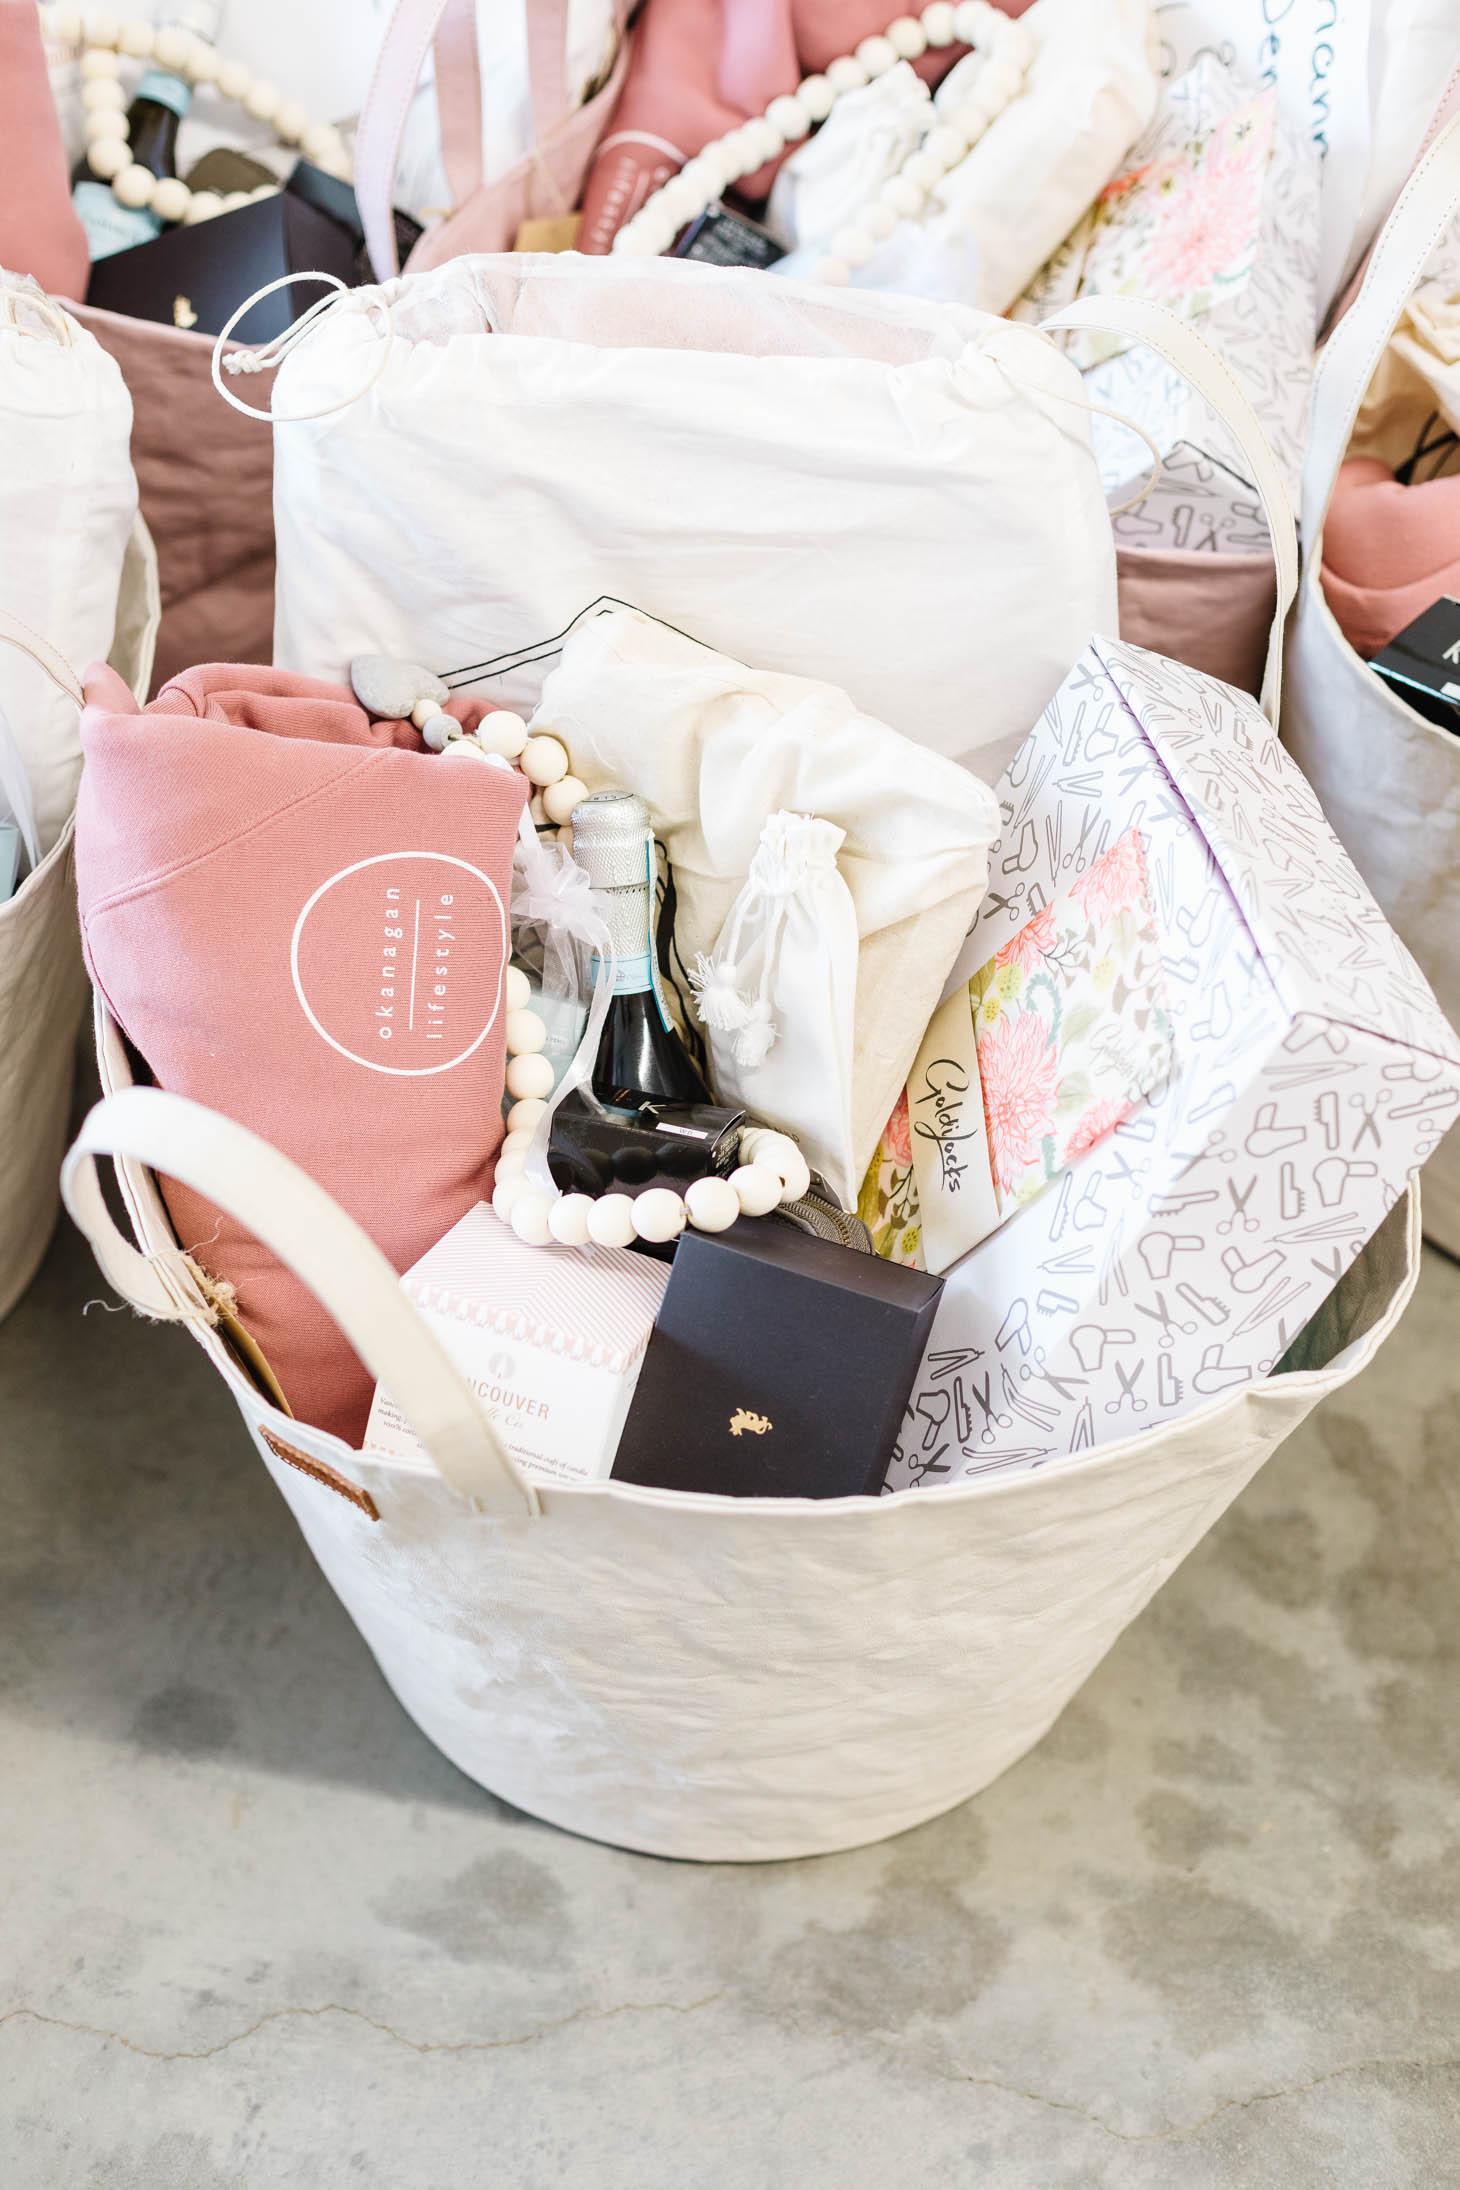 Jillian Harris Mamas for Mamas Swag Bags Revealed